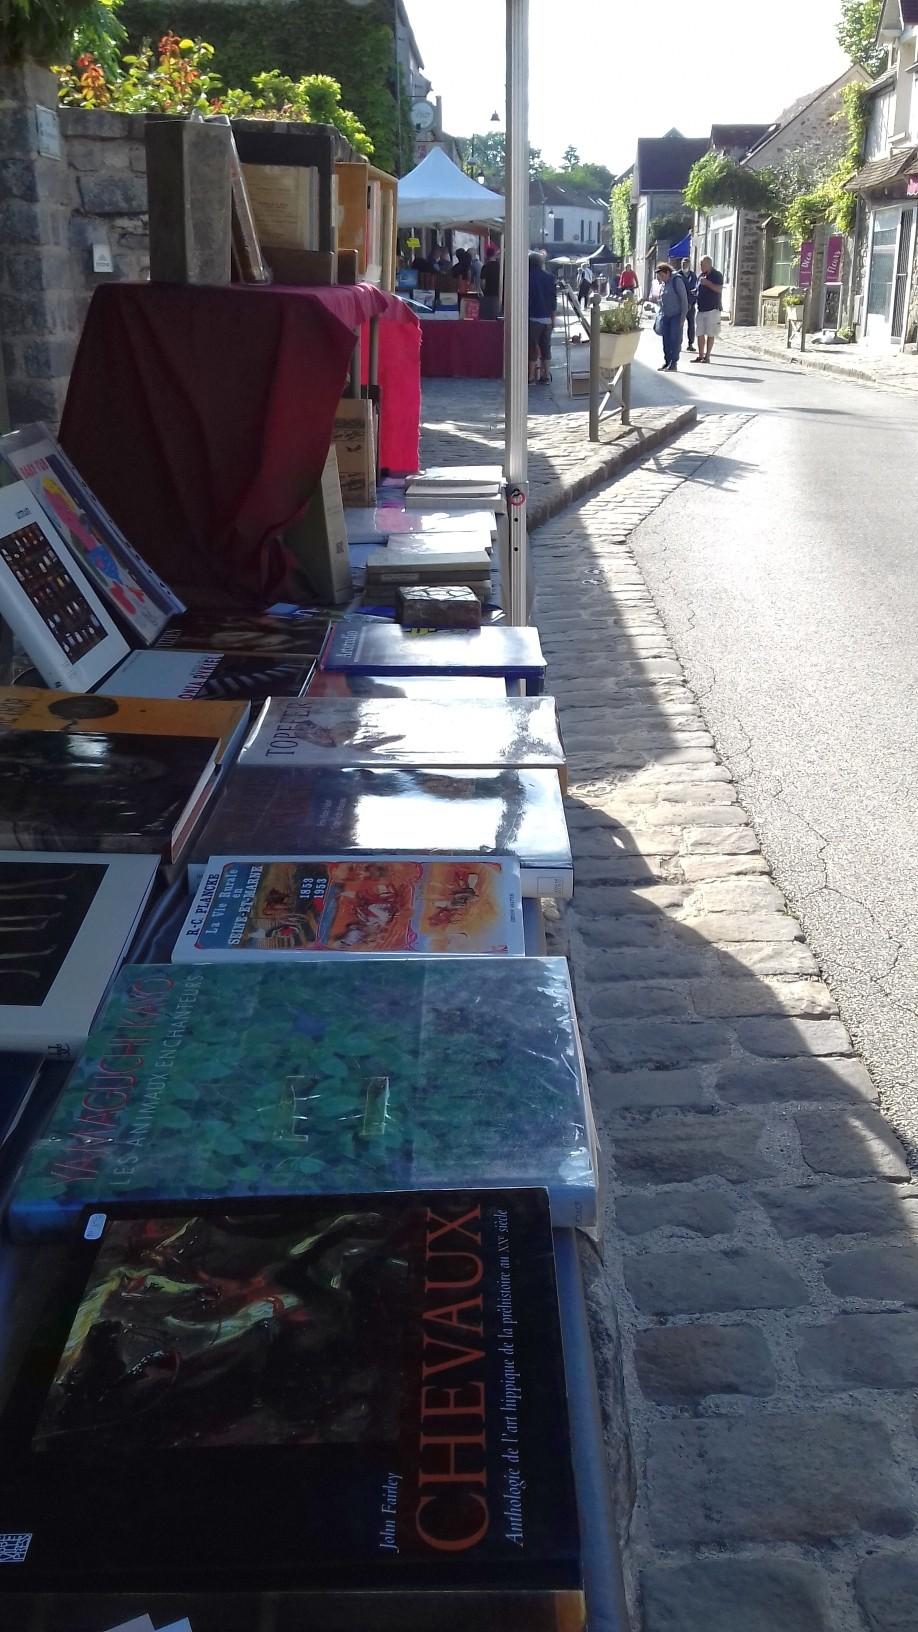 Barbizon rue des livres